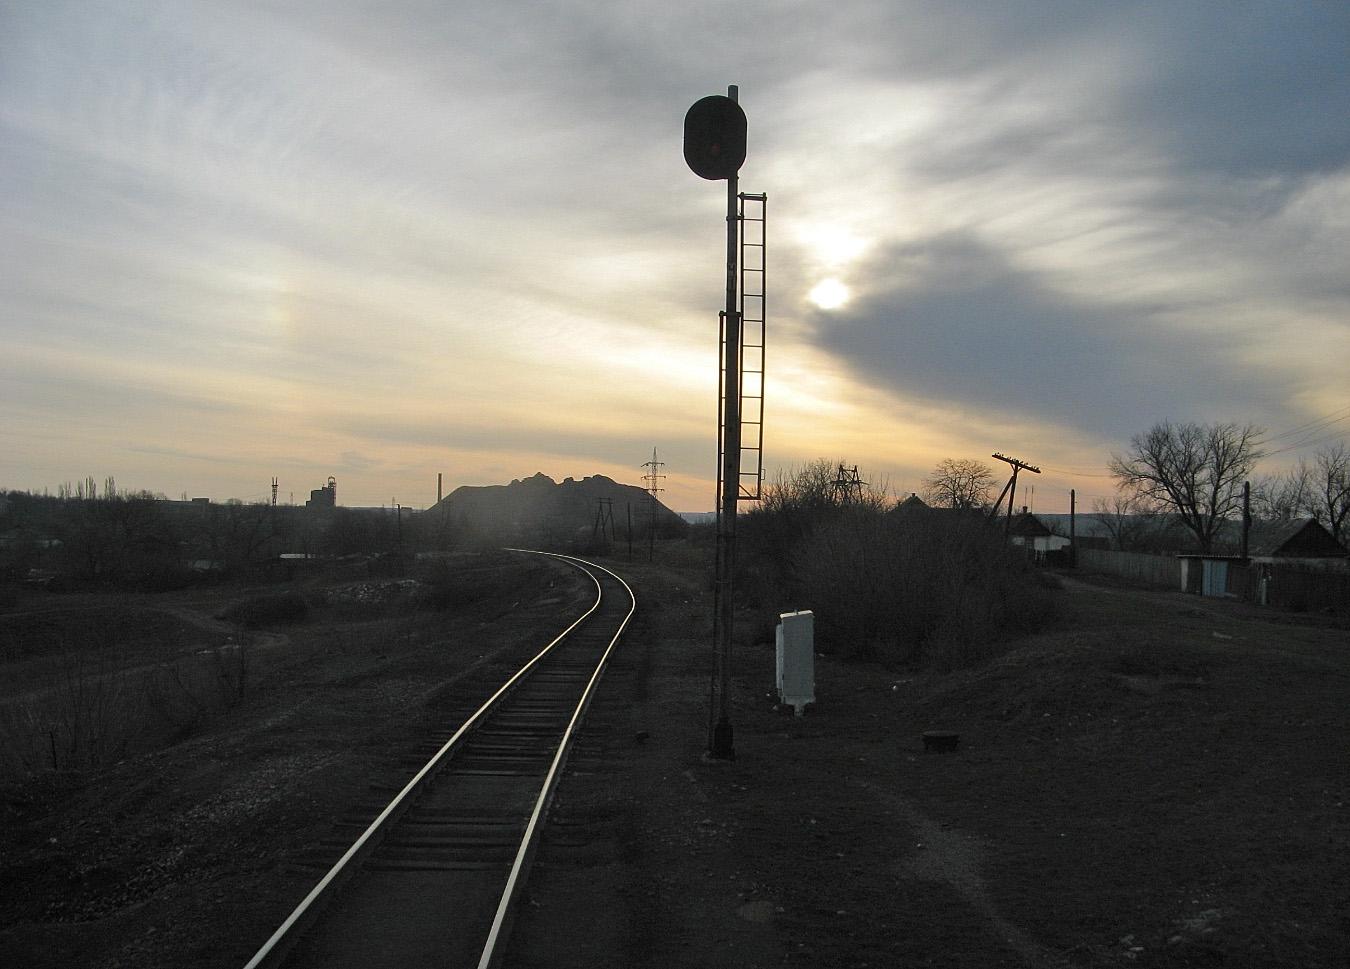 Роз'їзд Скіповий, вид в сторону станції Браунівка. Луганська область, Антрацитівський район